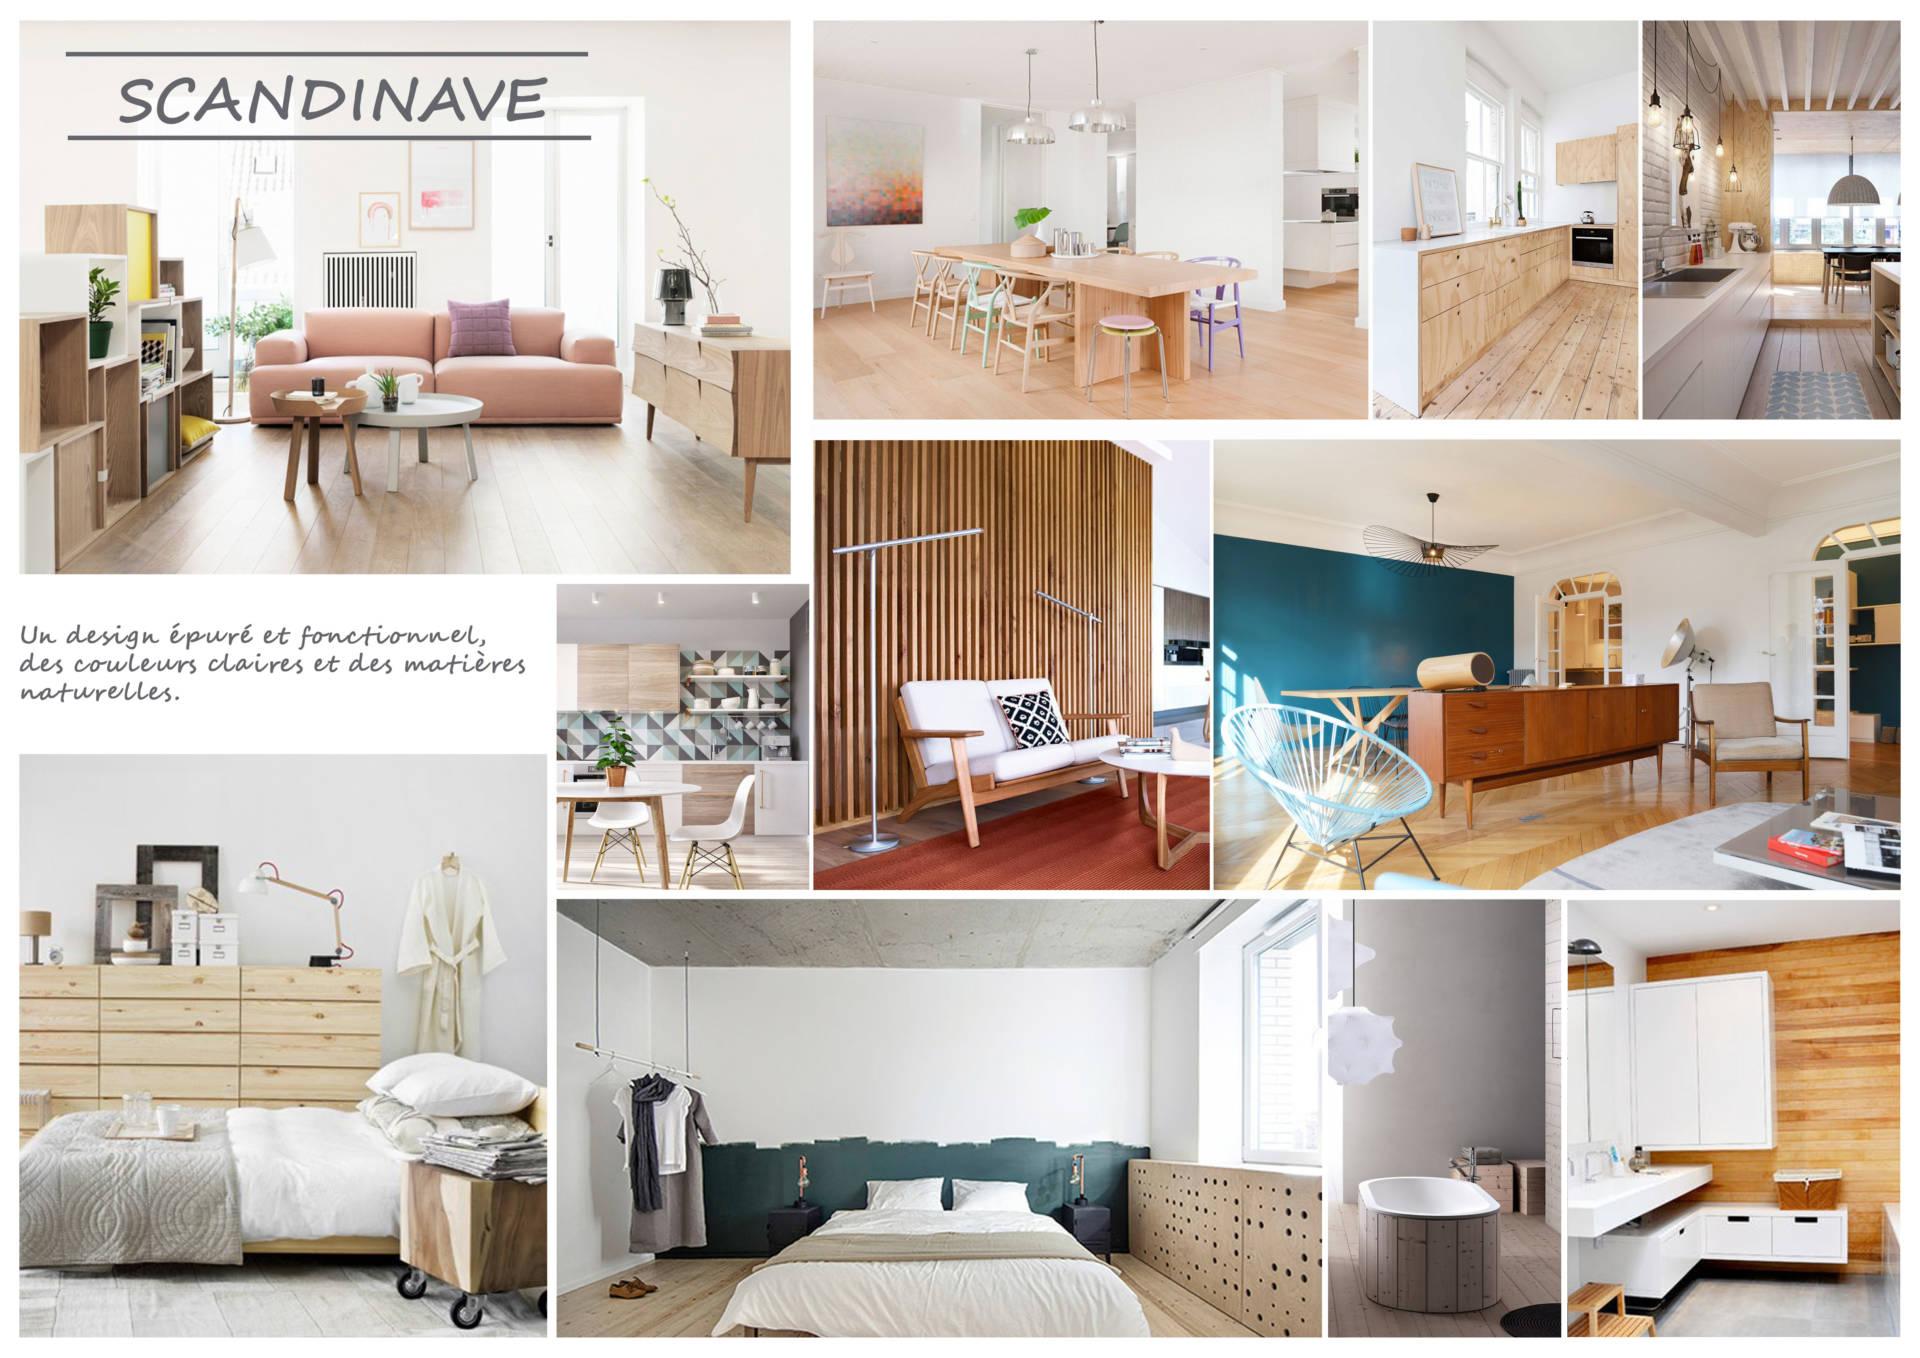 Moodboards Scandinave par Anne Solenn Chérat, Décoratrice UFDI sur Lorient, Vannes, Pontivy.